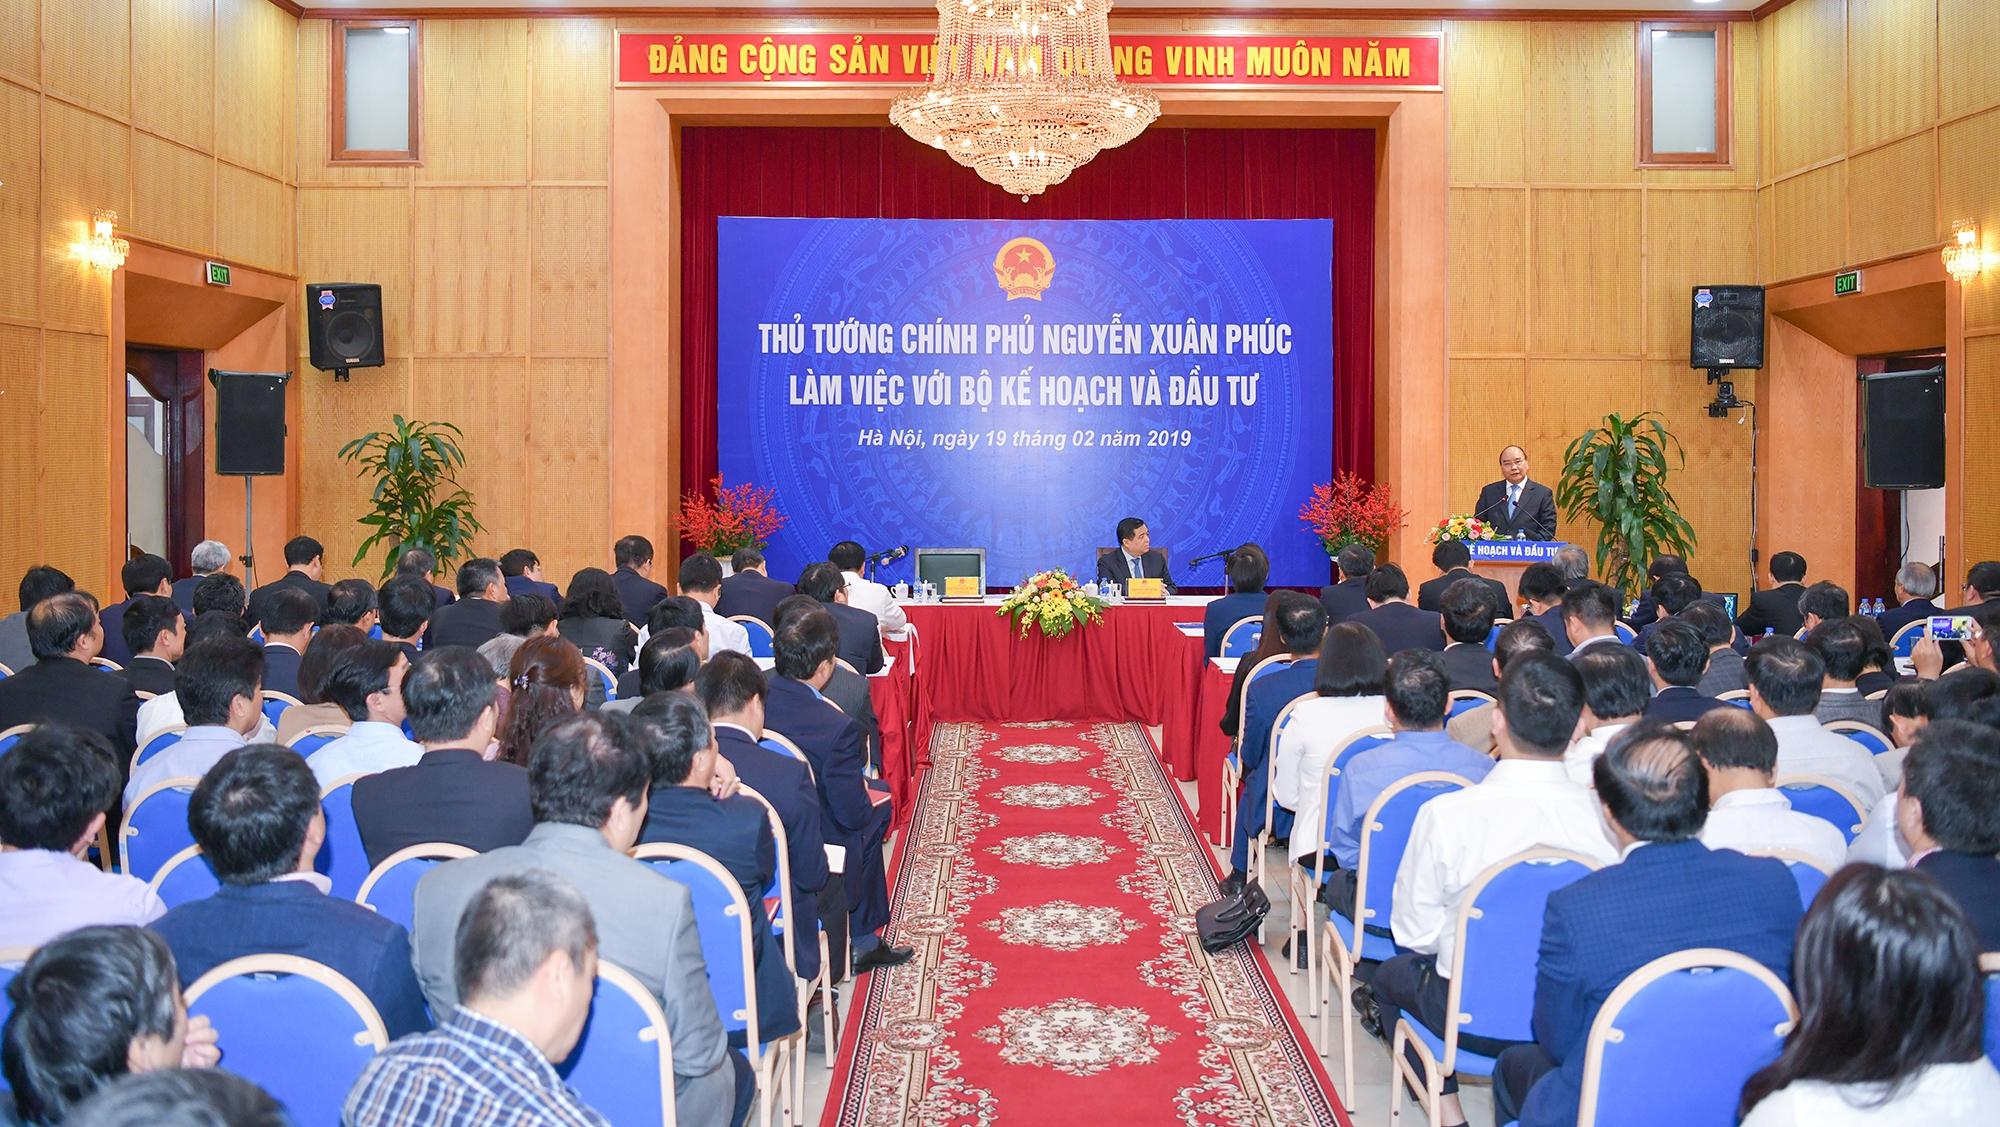 Việt Nam đã trở thành điểm đến đầu tư nóng nhất châu Á